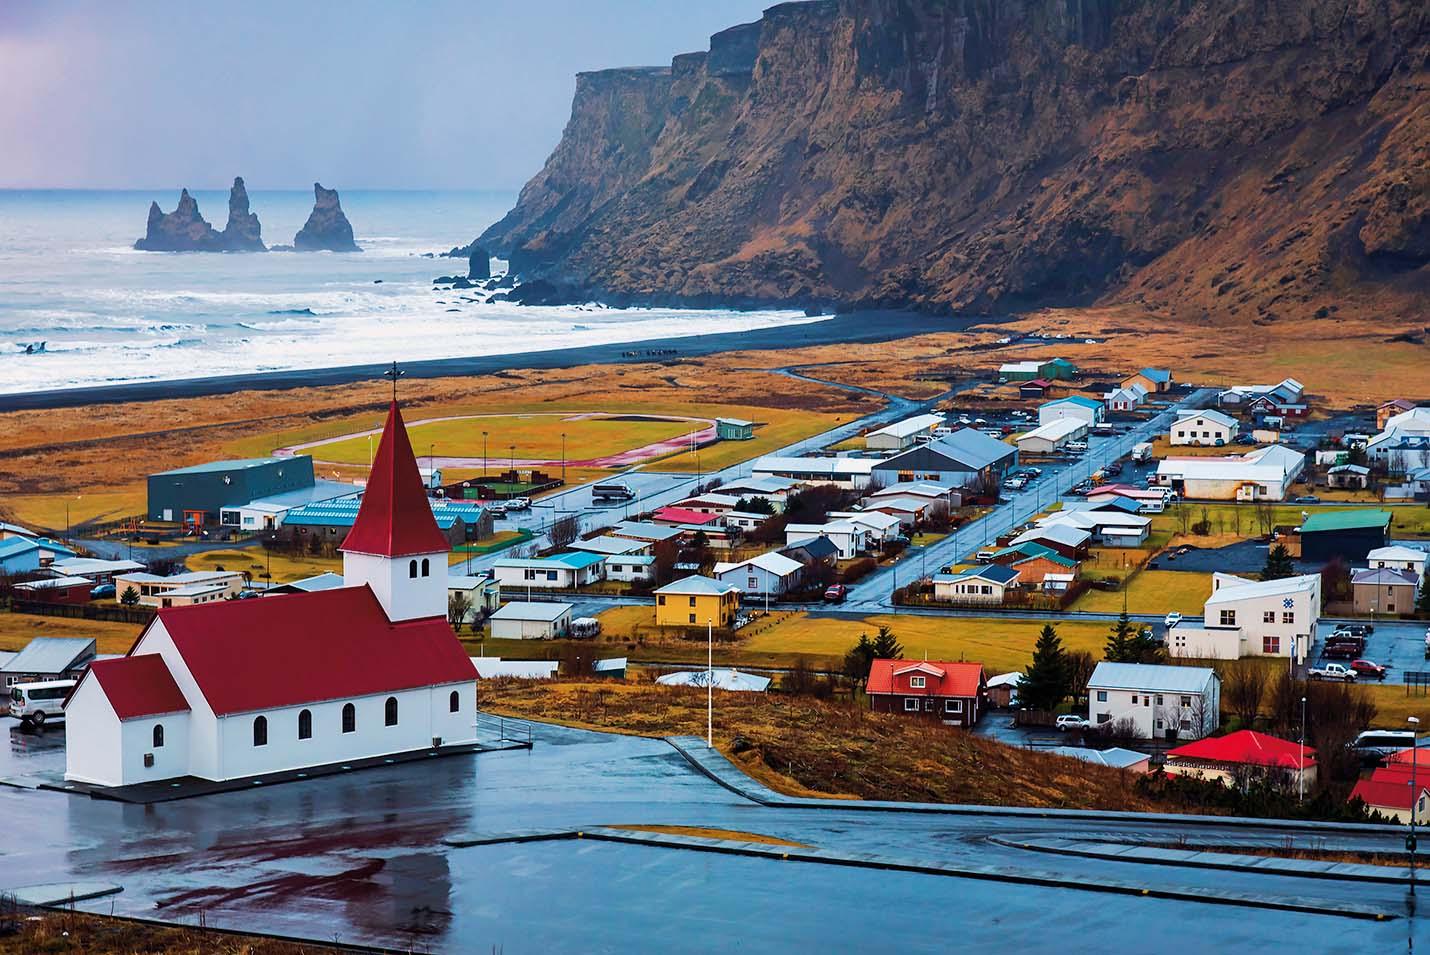 Vik je tipično islandsko mjestašce